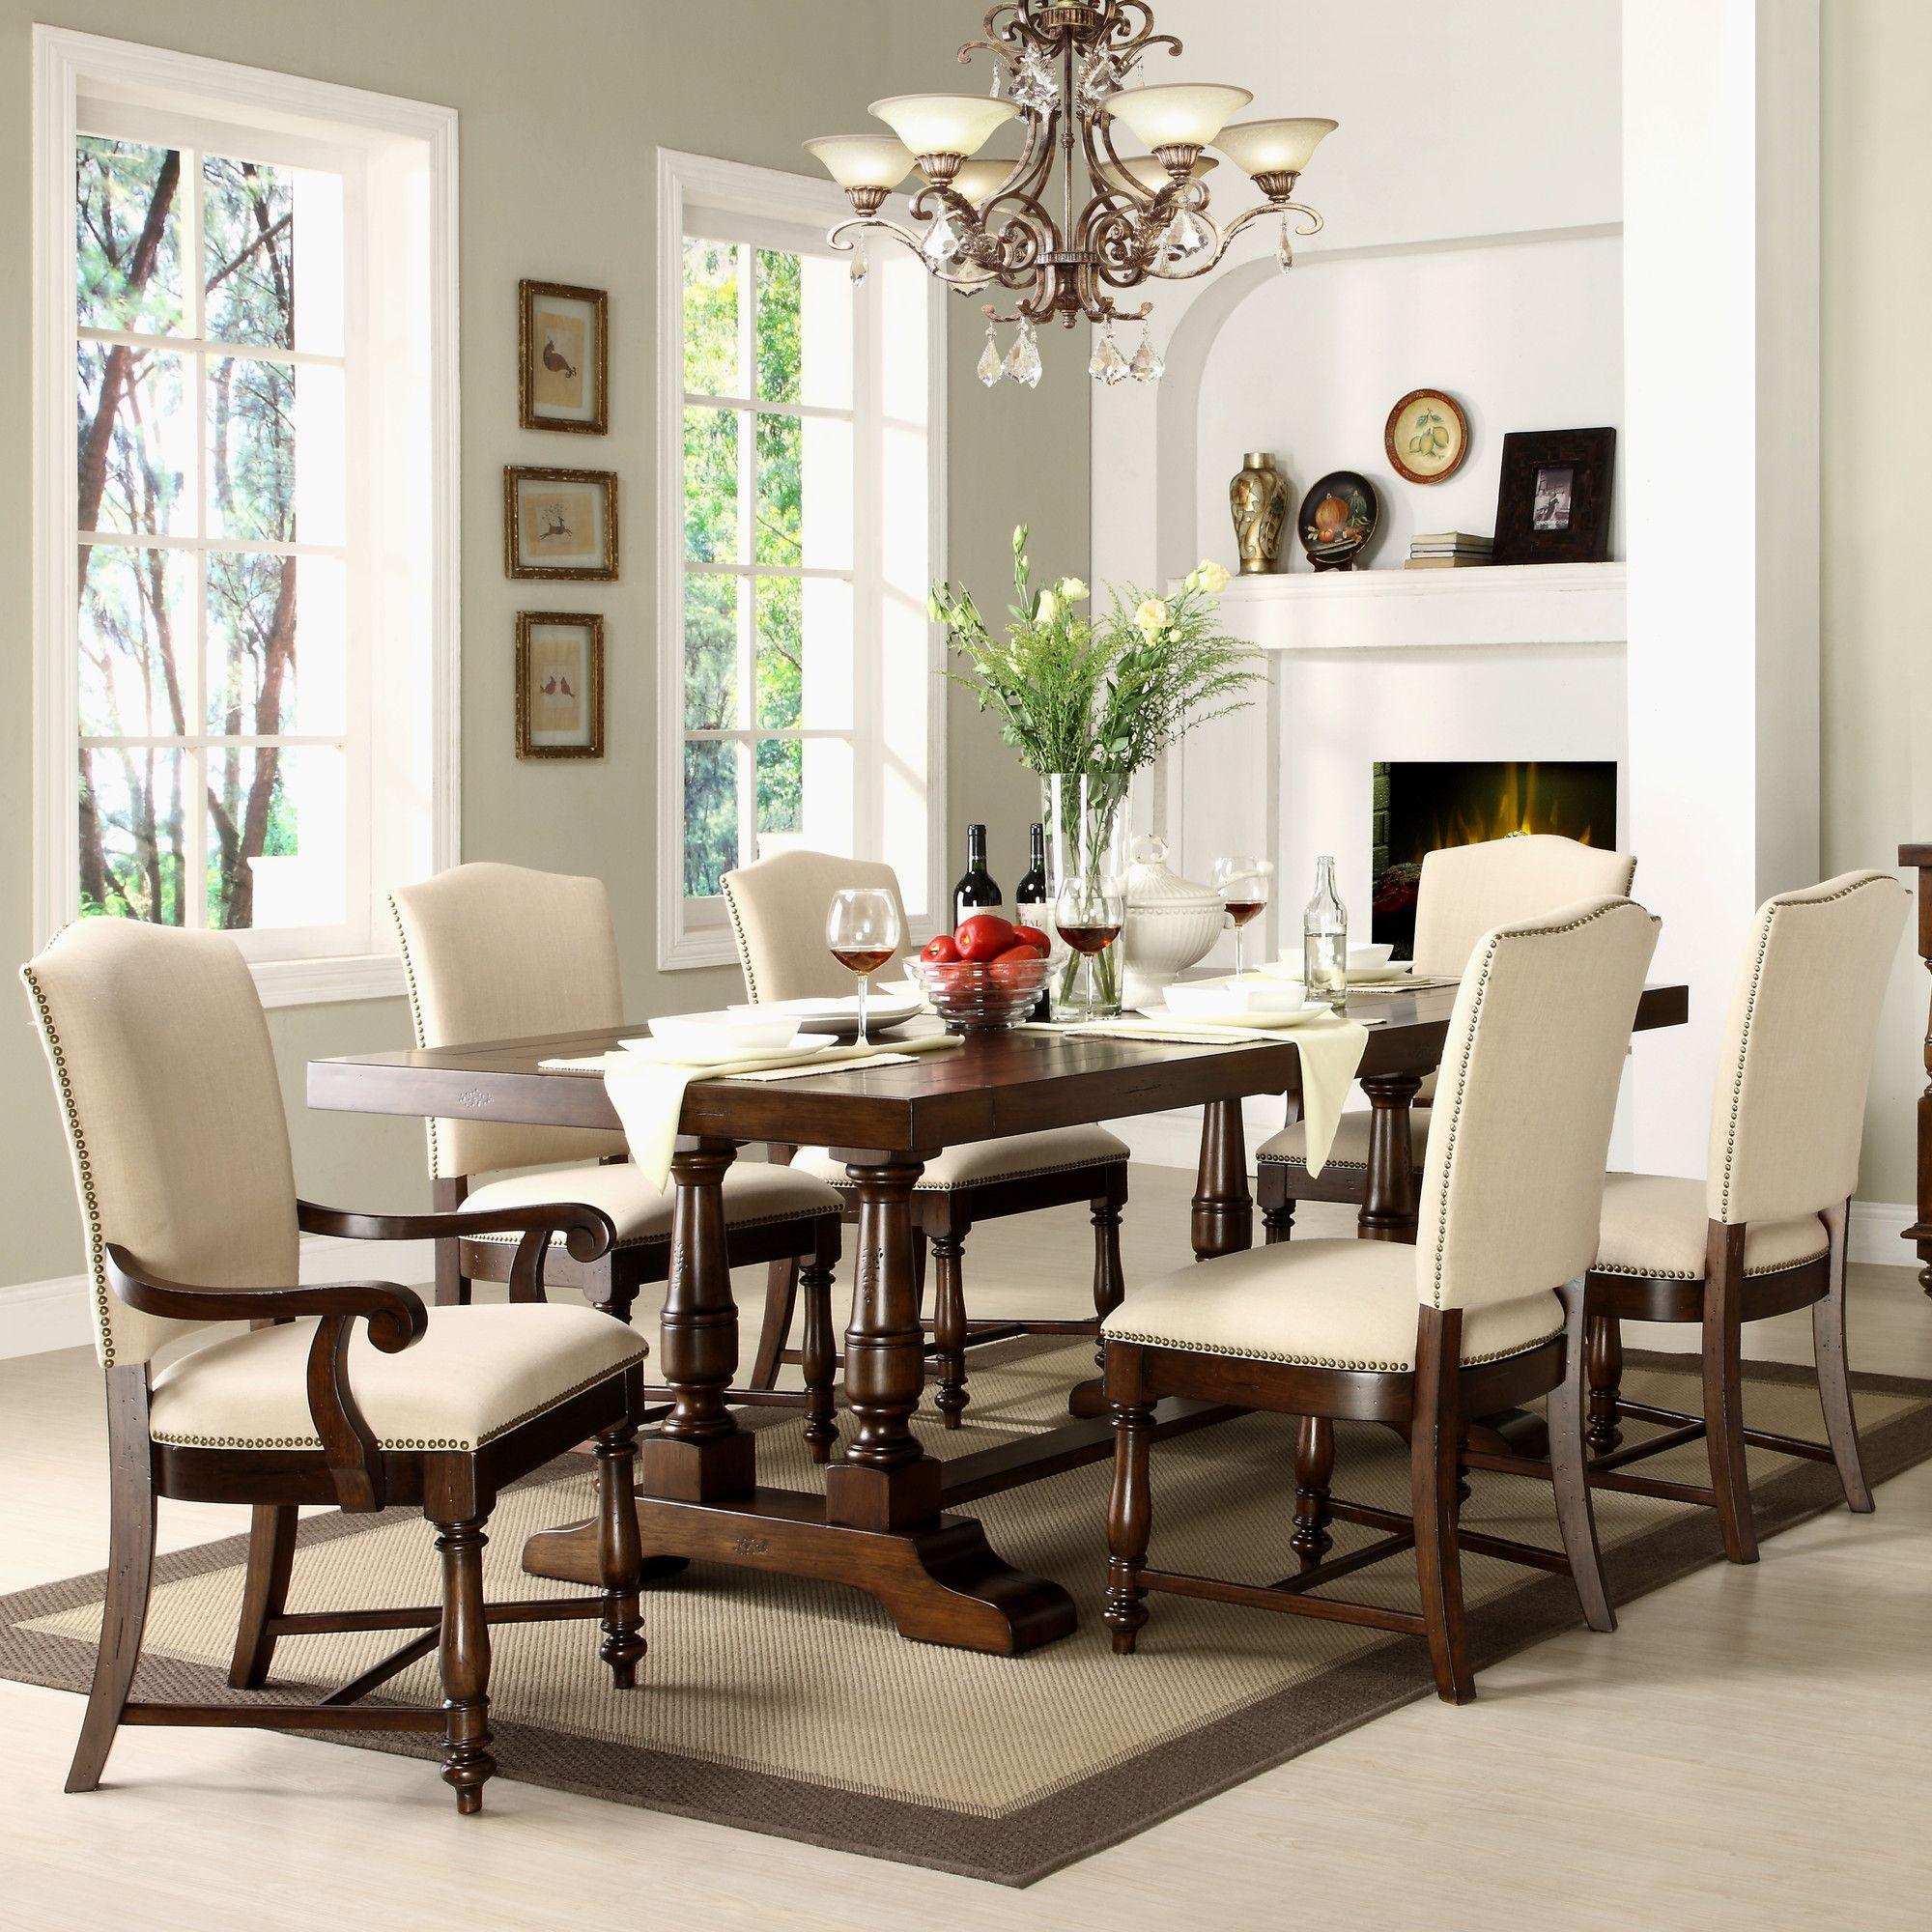 Riverside Furniture Newburgh 7 Piece Dining Set